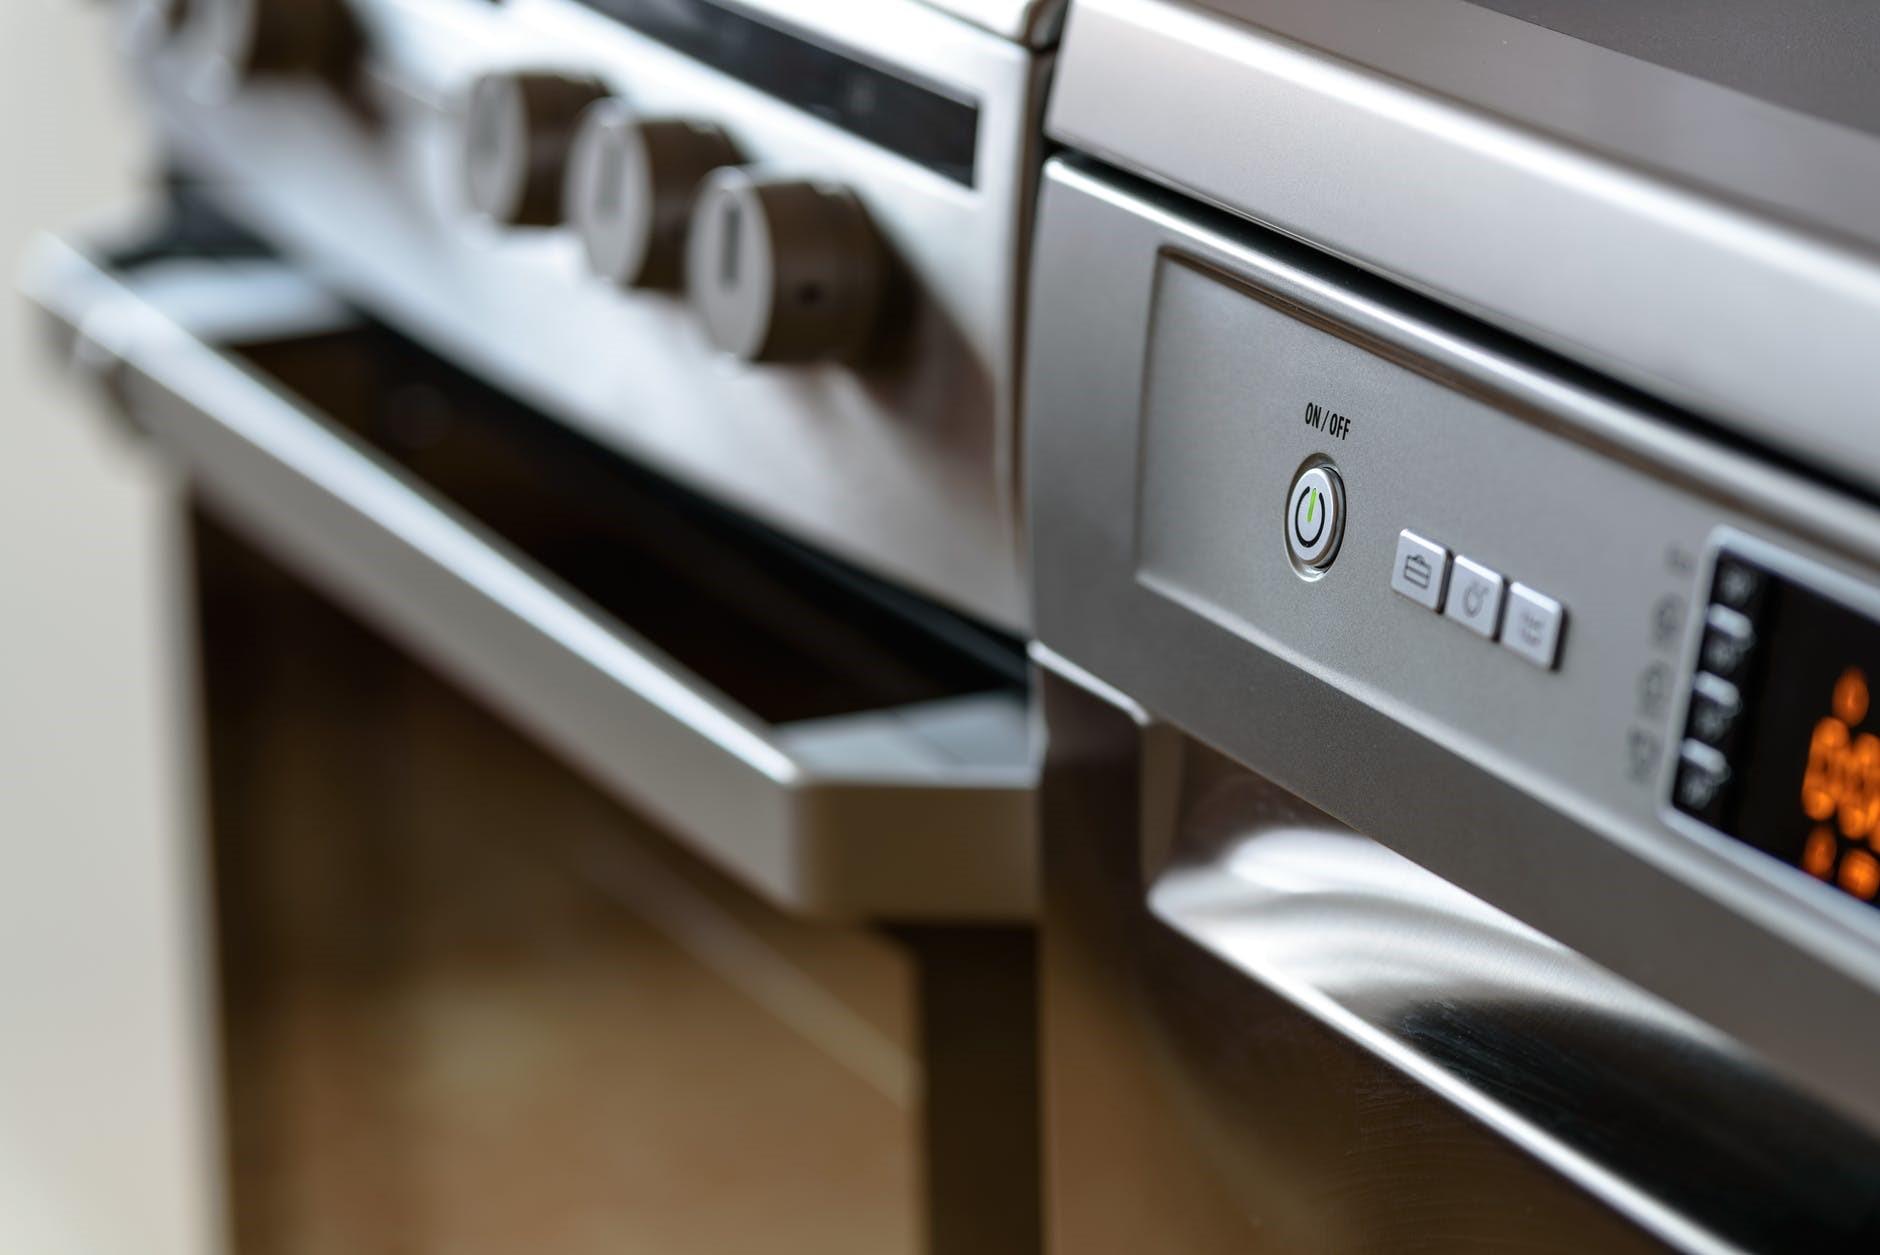 5.Appliances